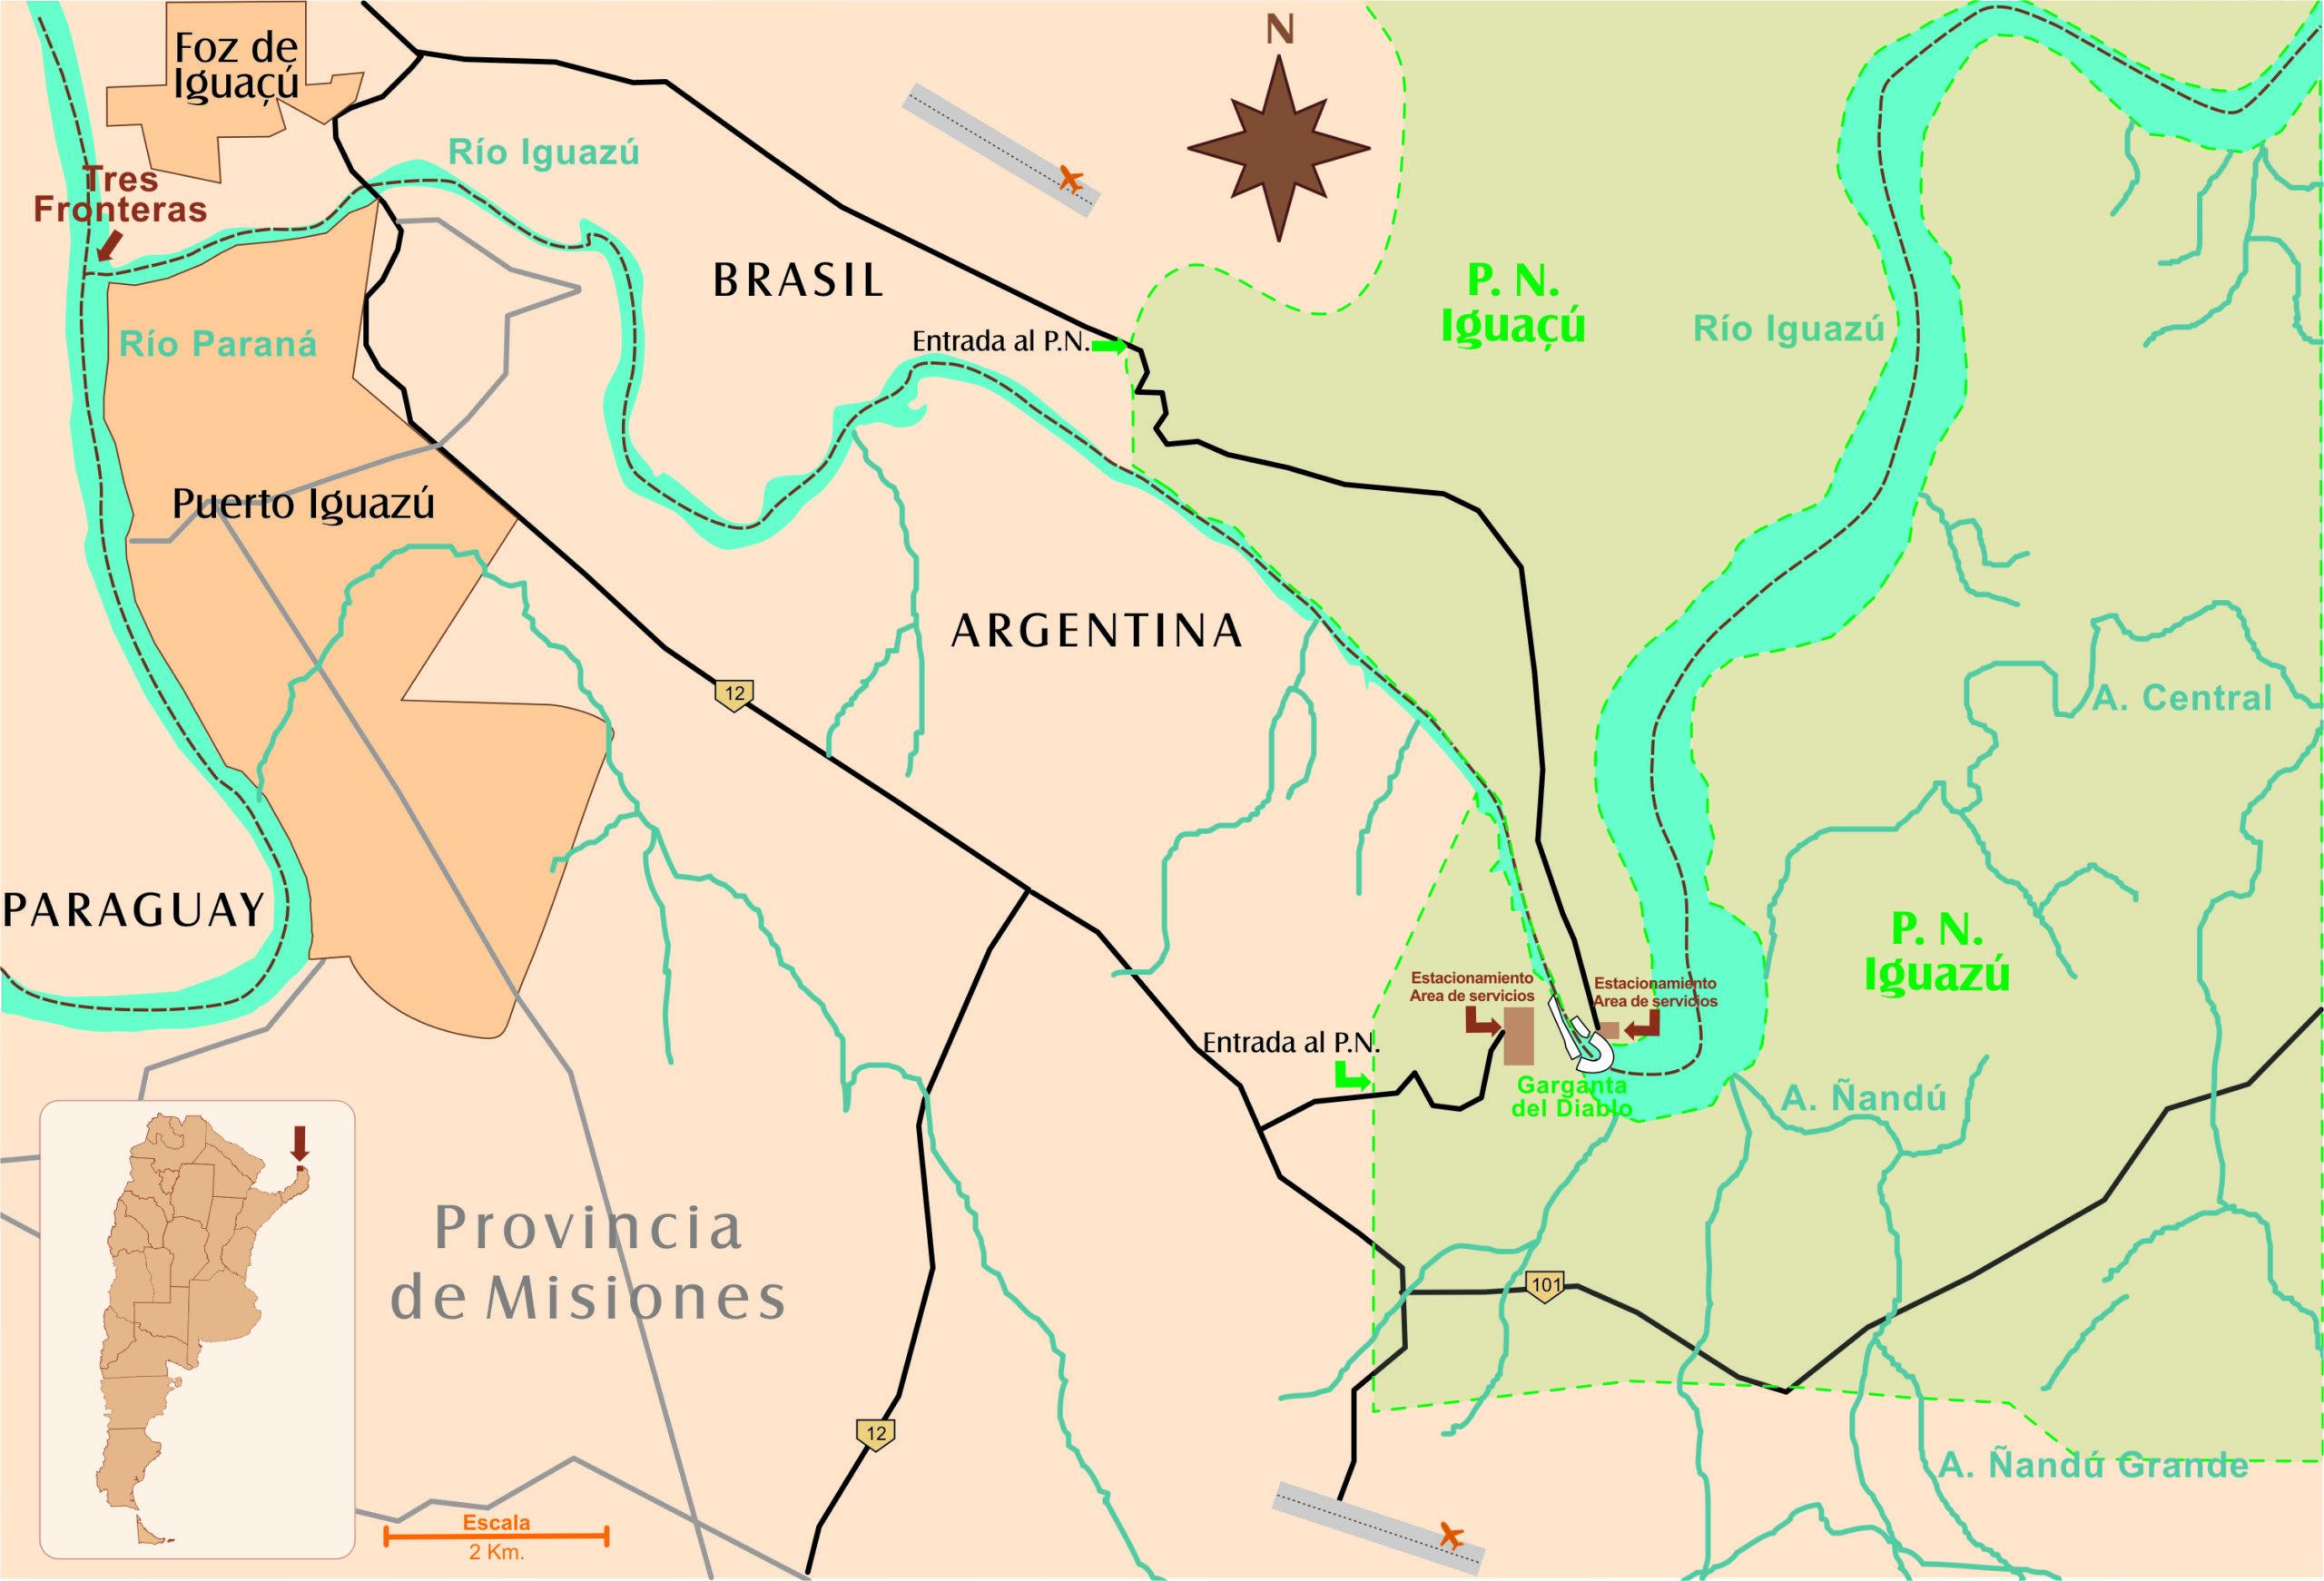 Carte de la zone de Puerto Iguazu et Foz de Iguacu